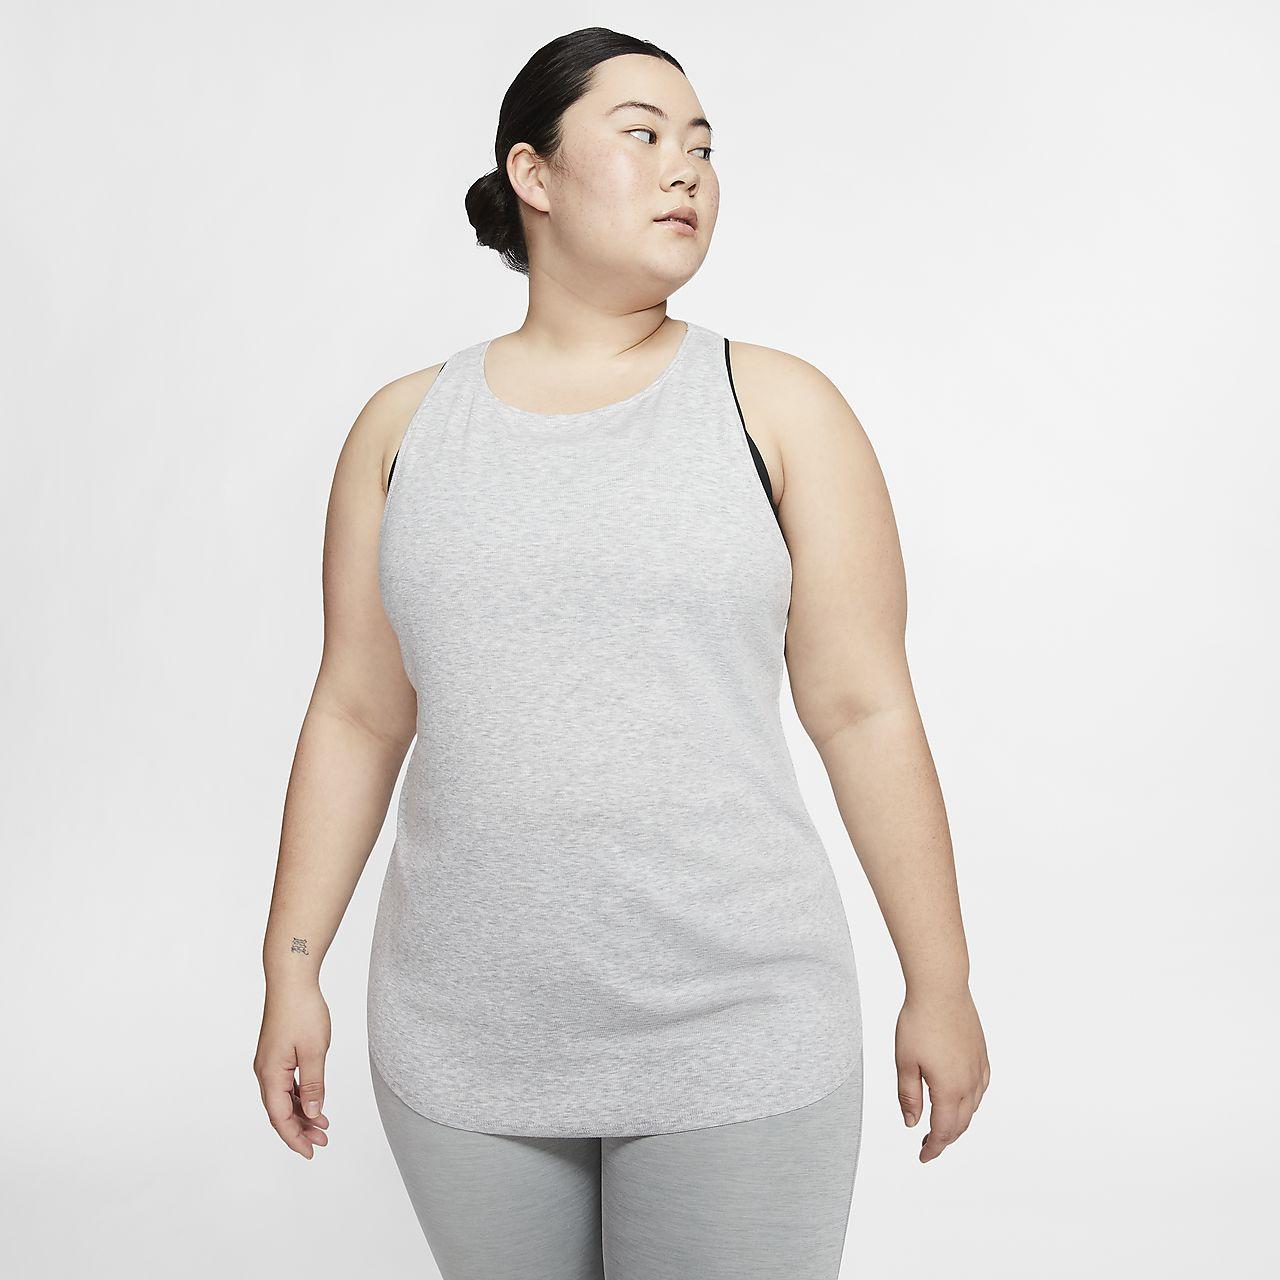 Camiseta de tirantes de tela rib para mujer Nike Yoga Luxe (talla grande)